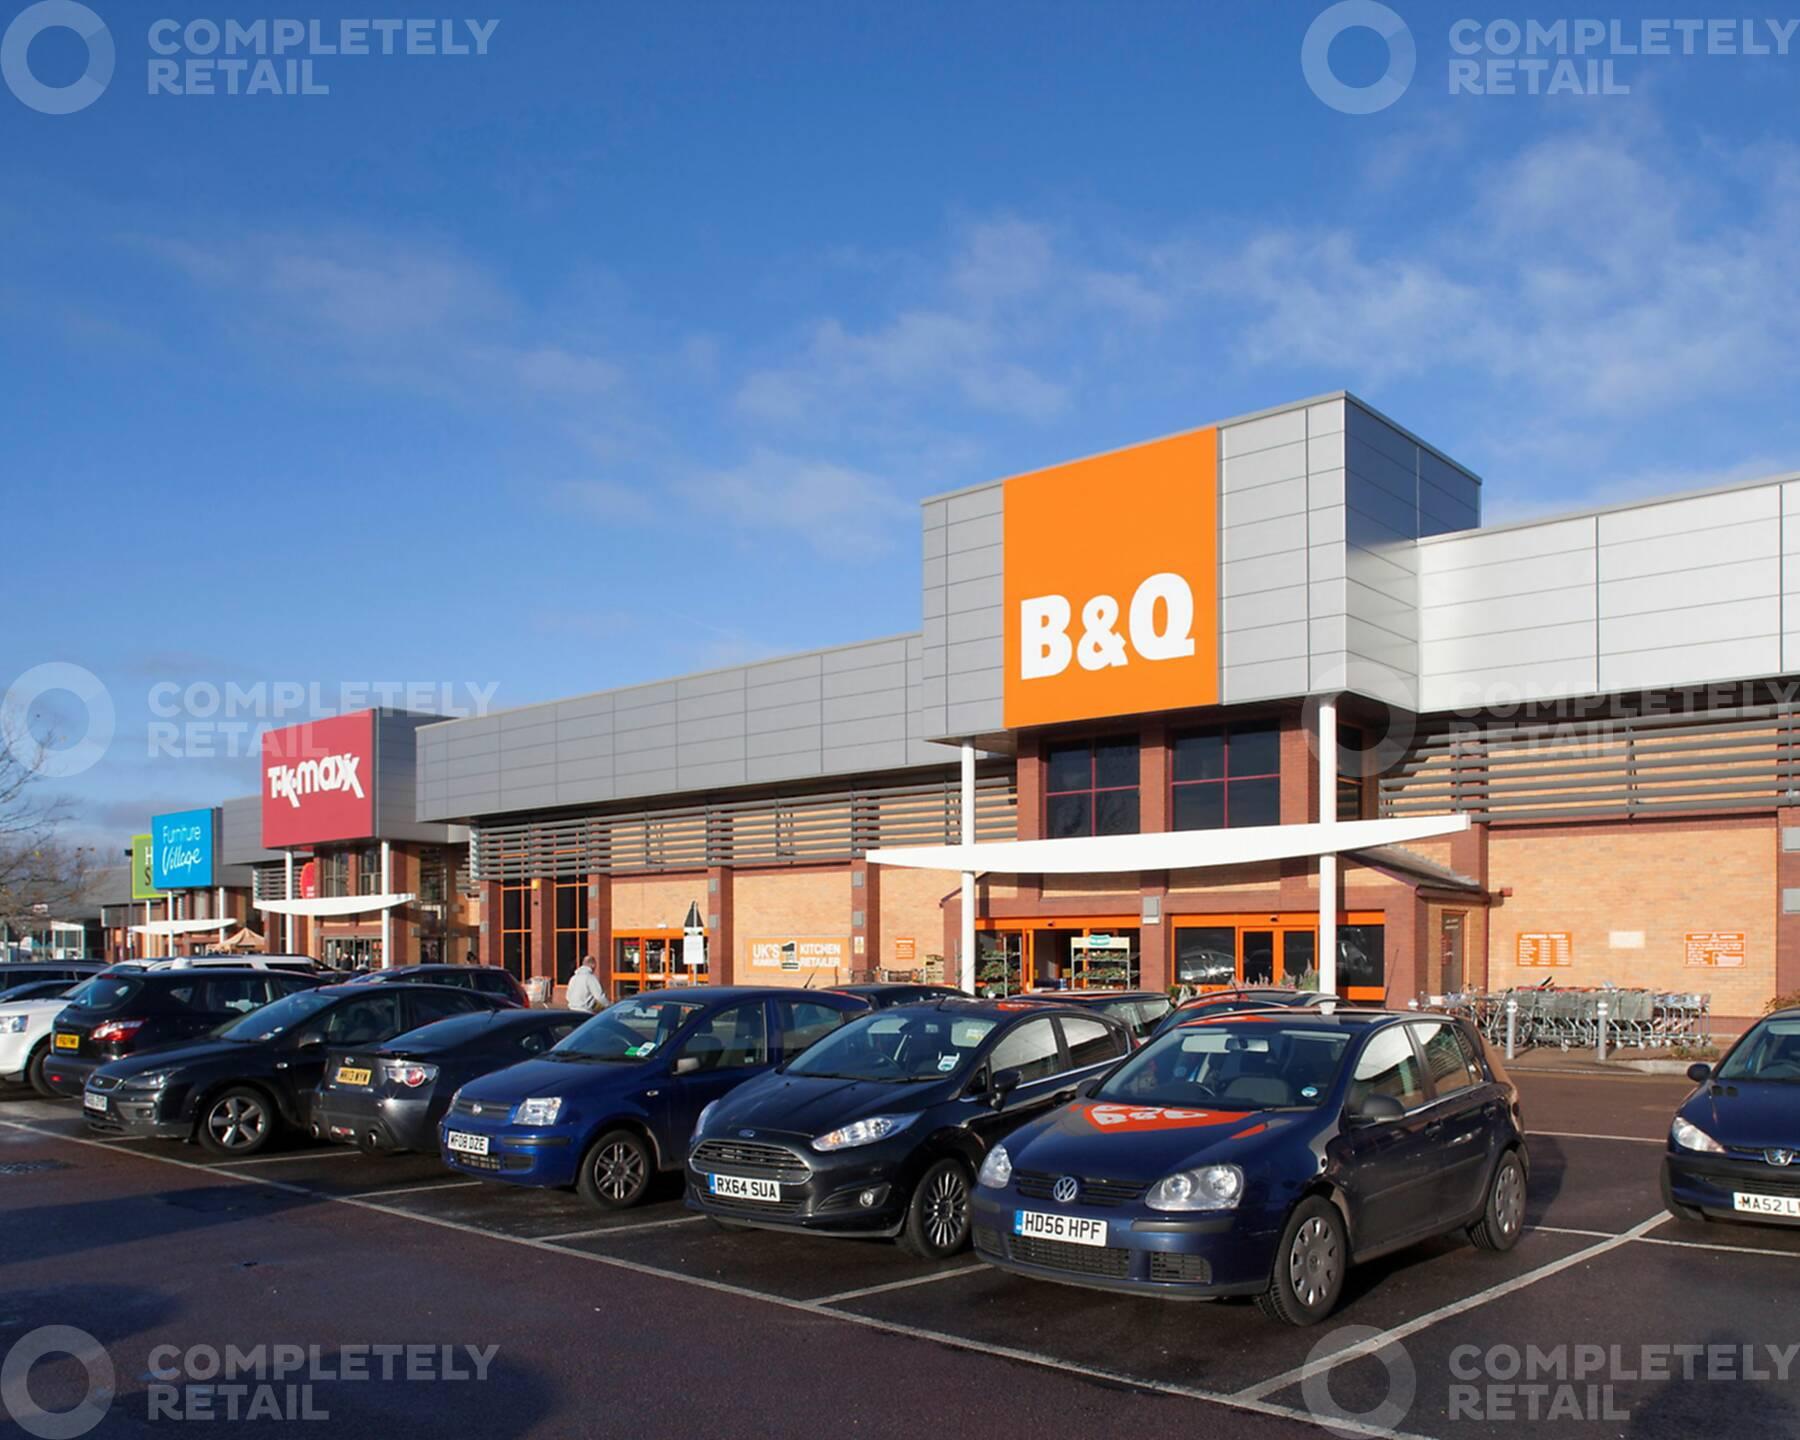 Stanley Green Retail Park